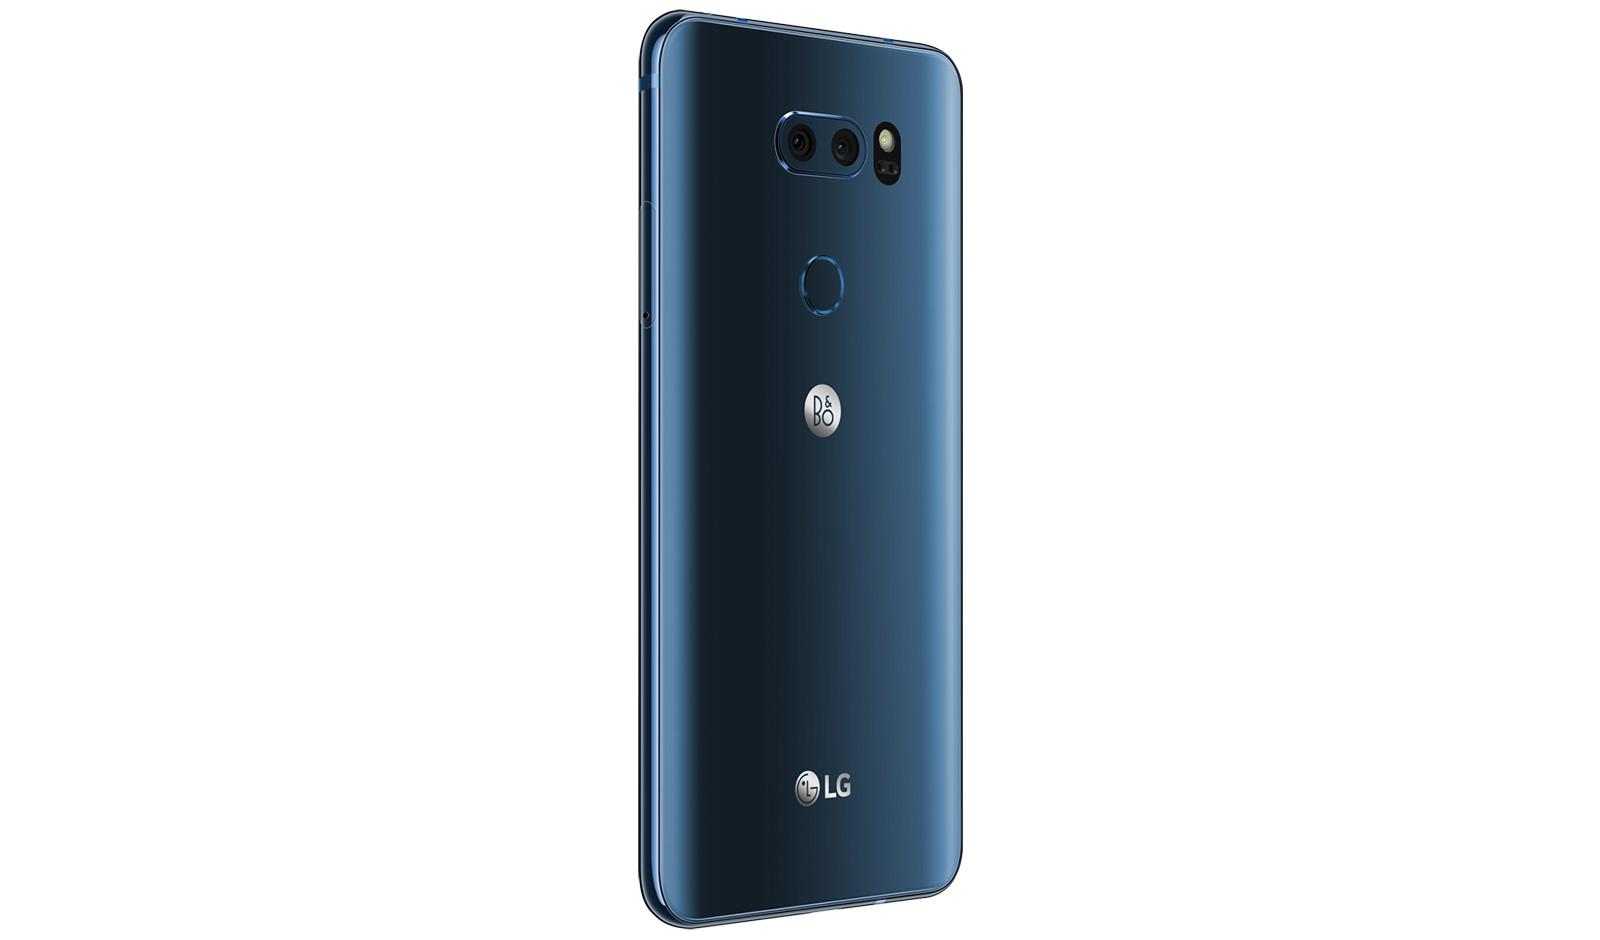 LG LGH930